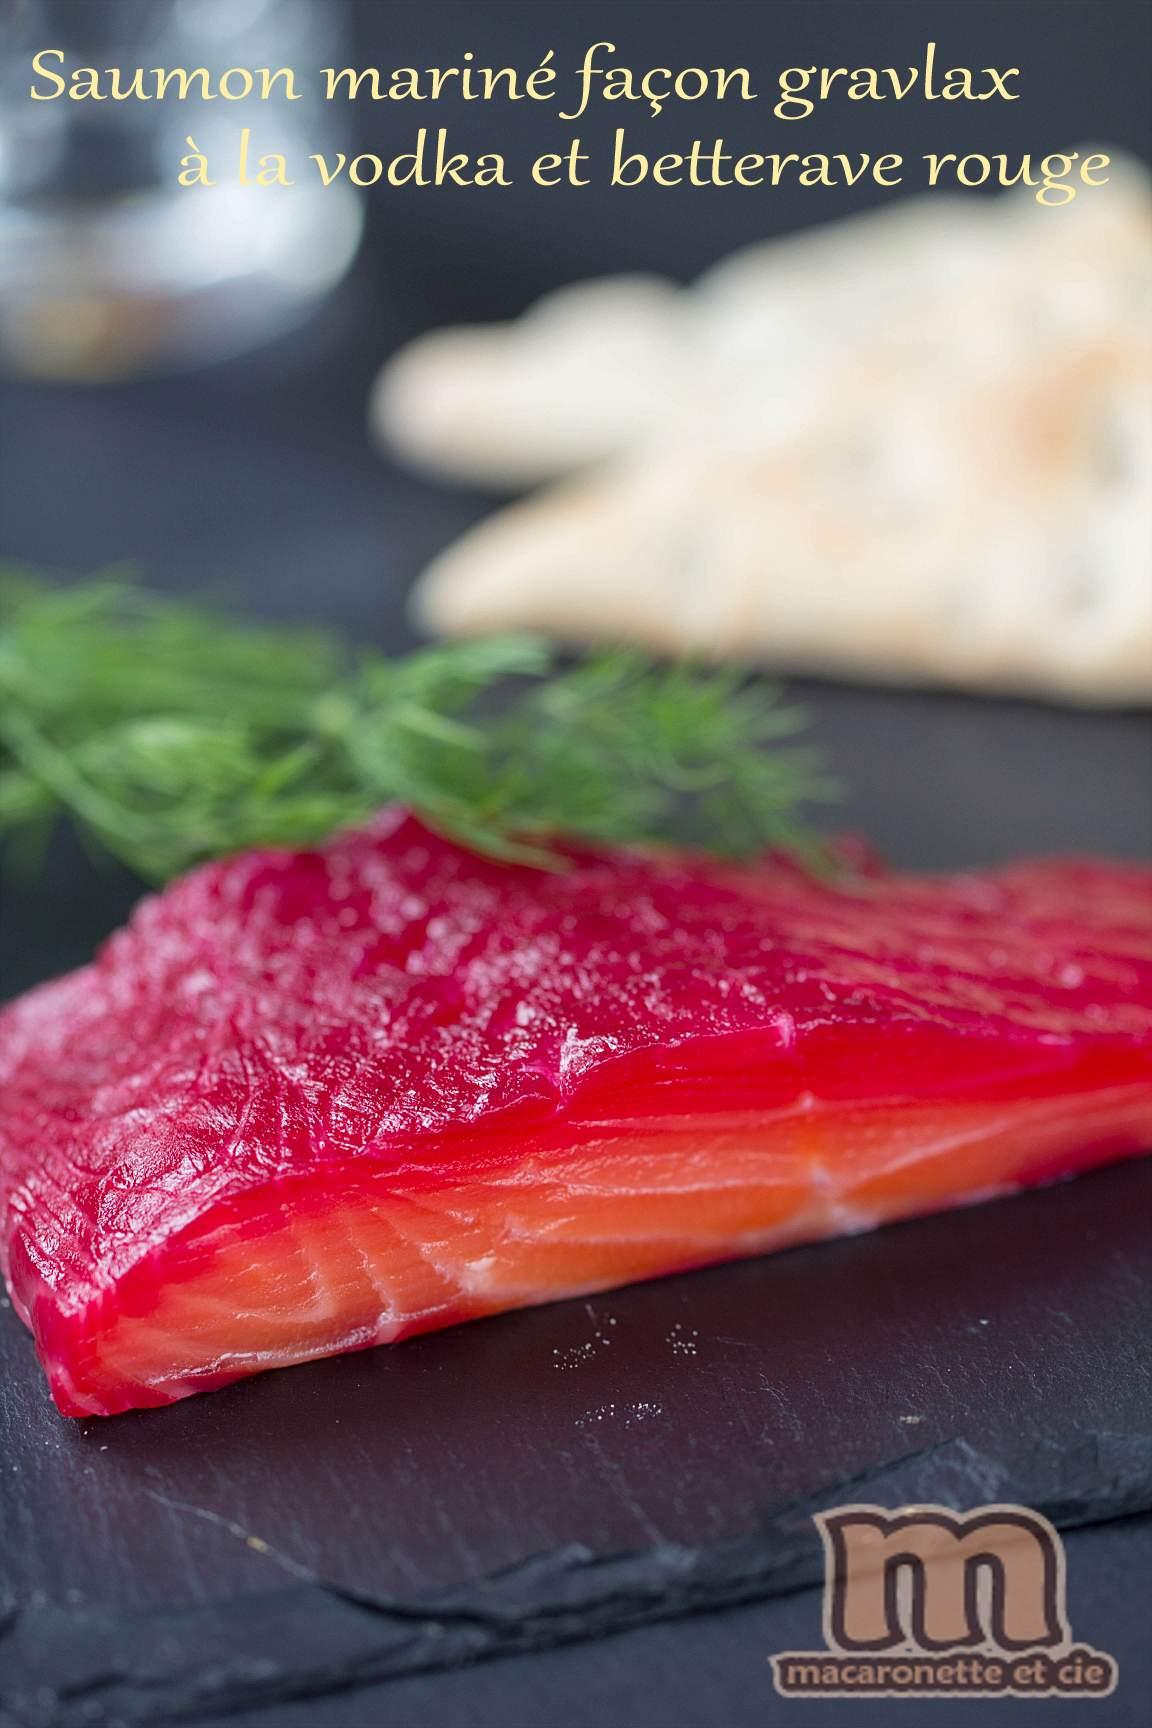 Saumon marin faon gravlax  la vodka et betterave rouge